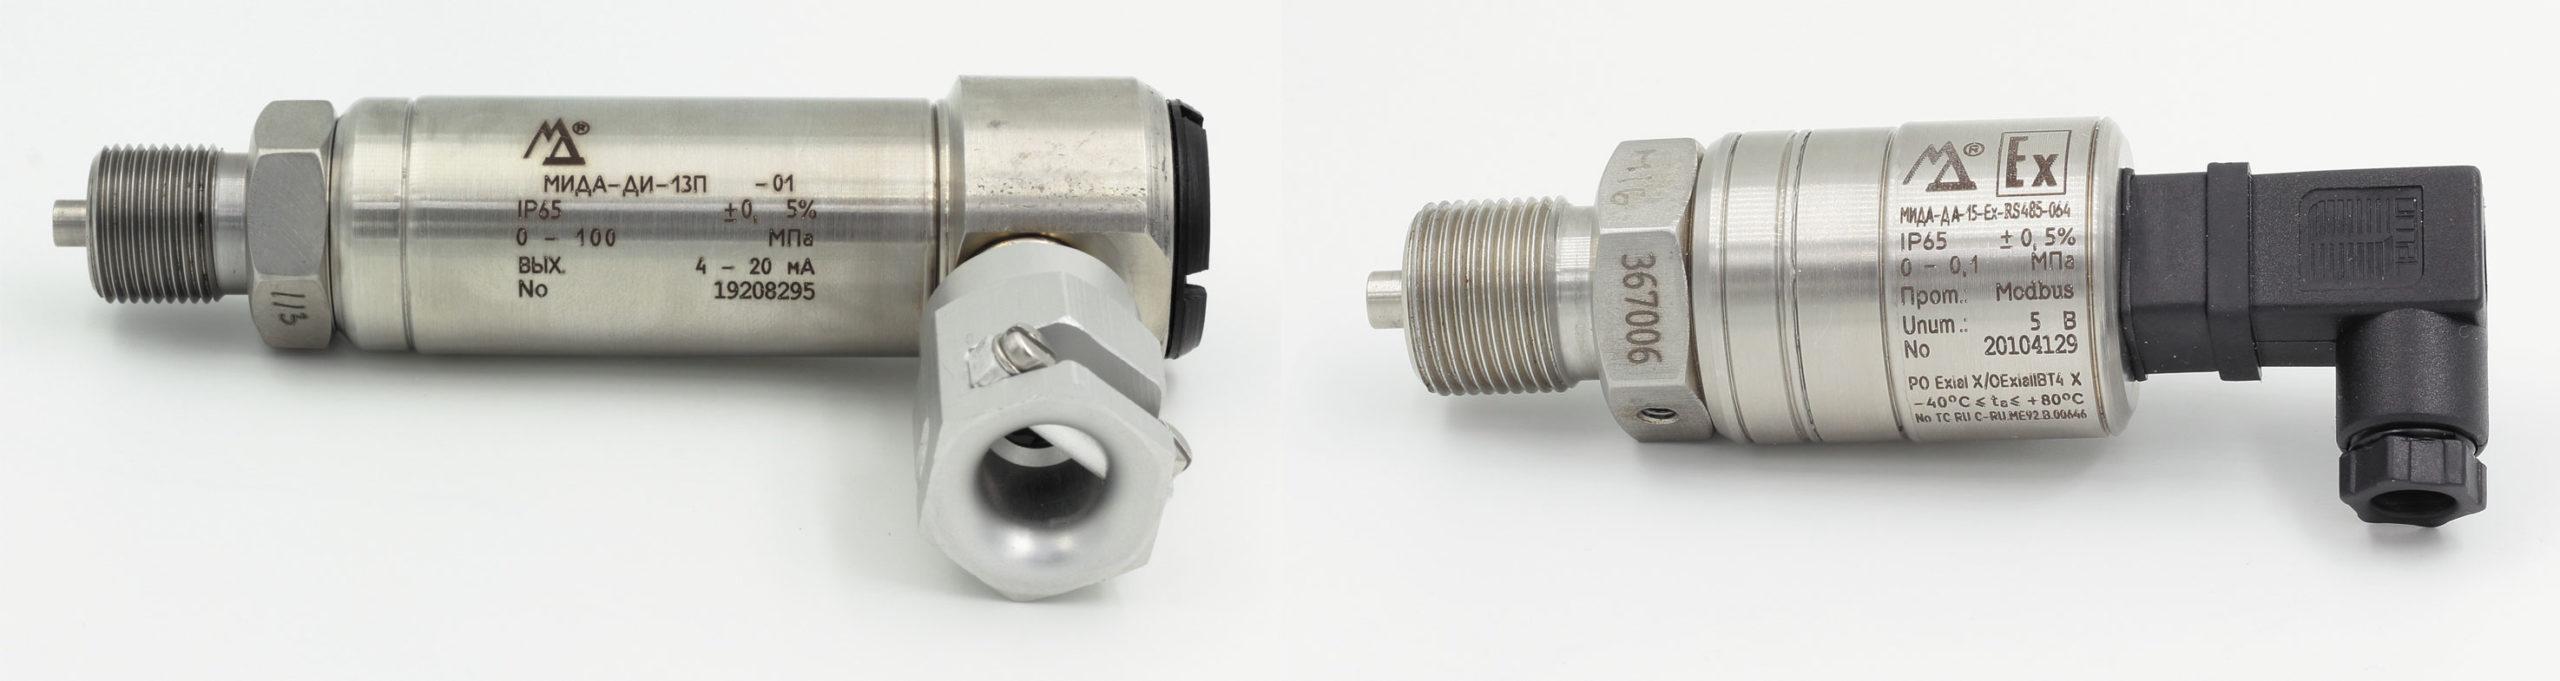 Общепромышленные датчики давления серии МИДА-13П (слева) и МИДА-15 (справа)